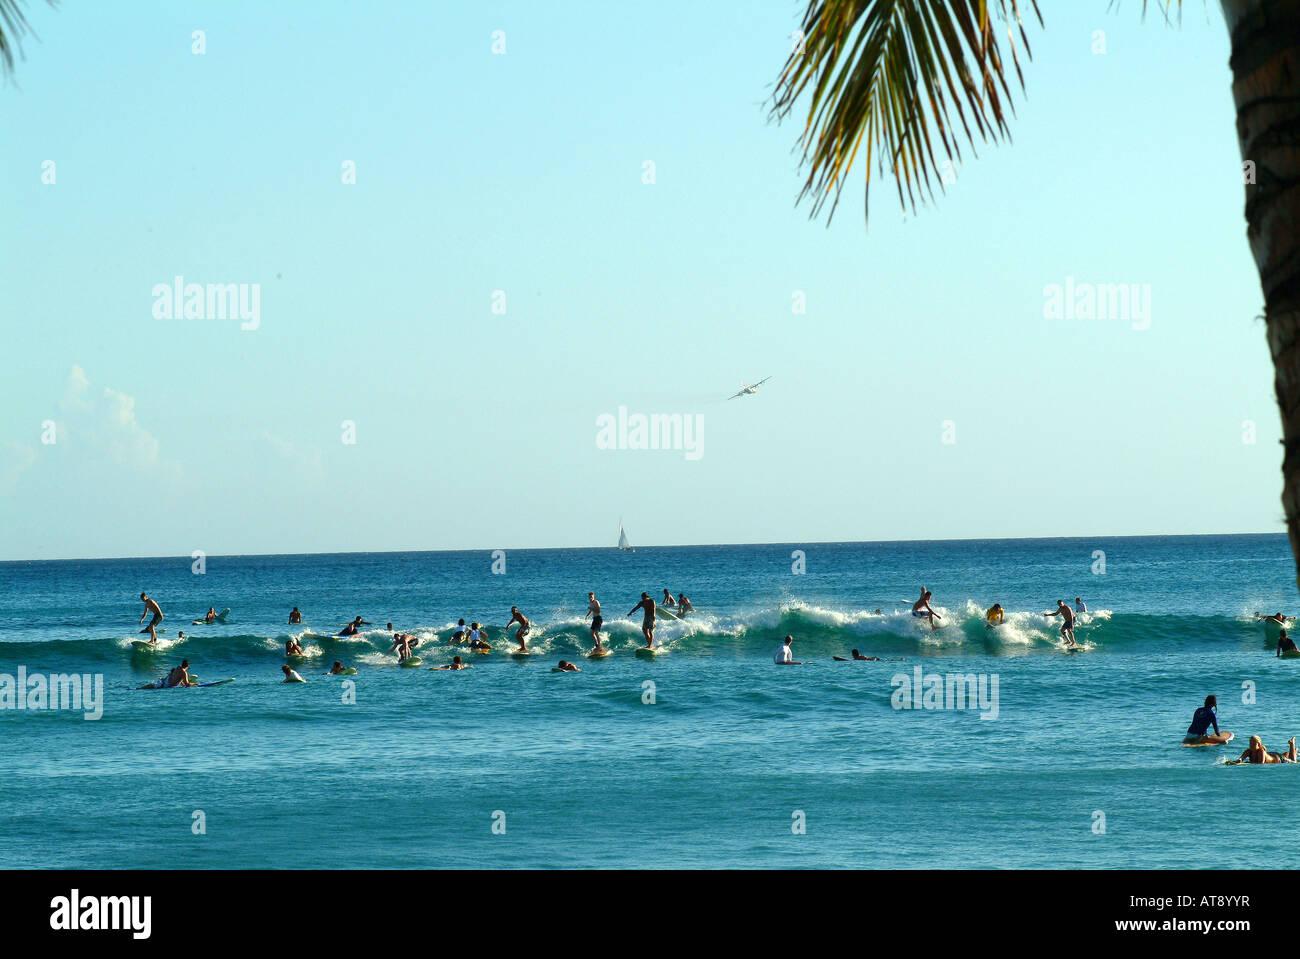 Waikiki beach con muchos surfistas montando olas pequeñas cerca de la costa Foto de stock